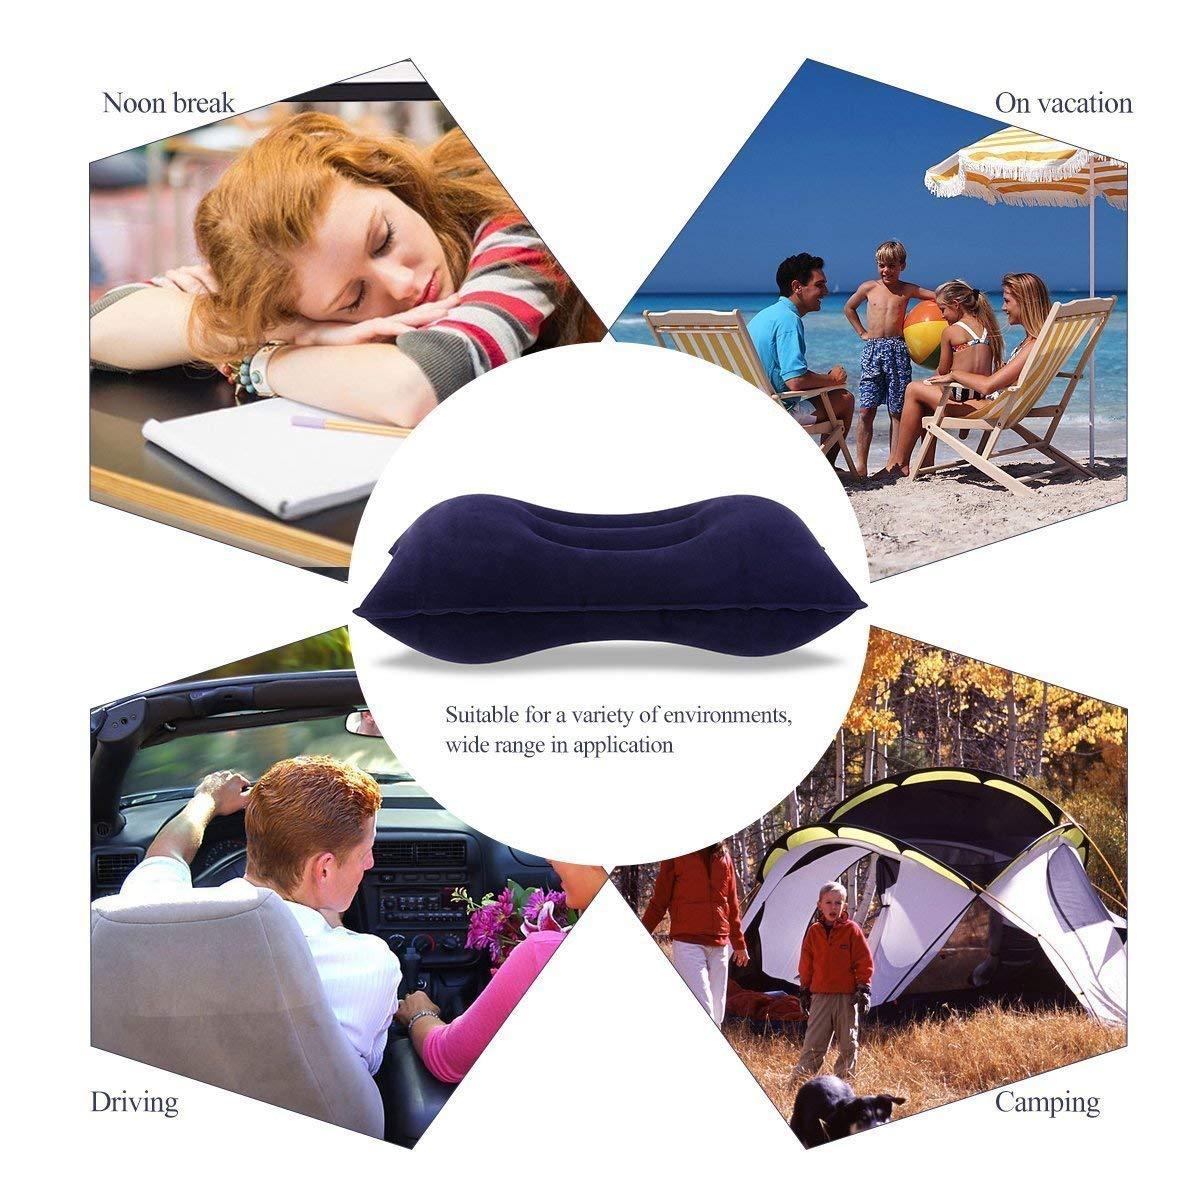 INTVN 2 St/ück Ultraleichtes Aufblasbares Reisekissen und Campingkissen Ergonomisches Aufblaskissen f/ür Camping Aufblasbares Kopfkissen Outdoor 2 St/ück 3D Schlafmaske Reise